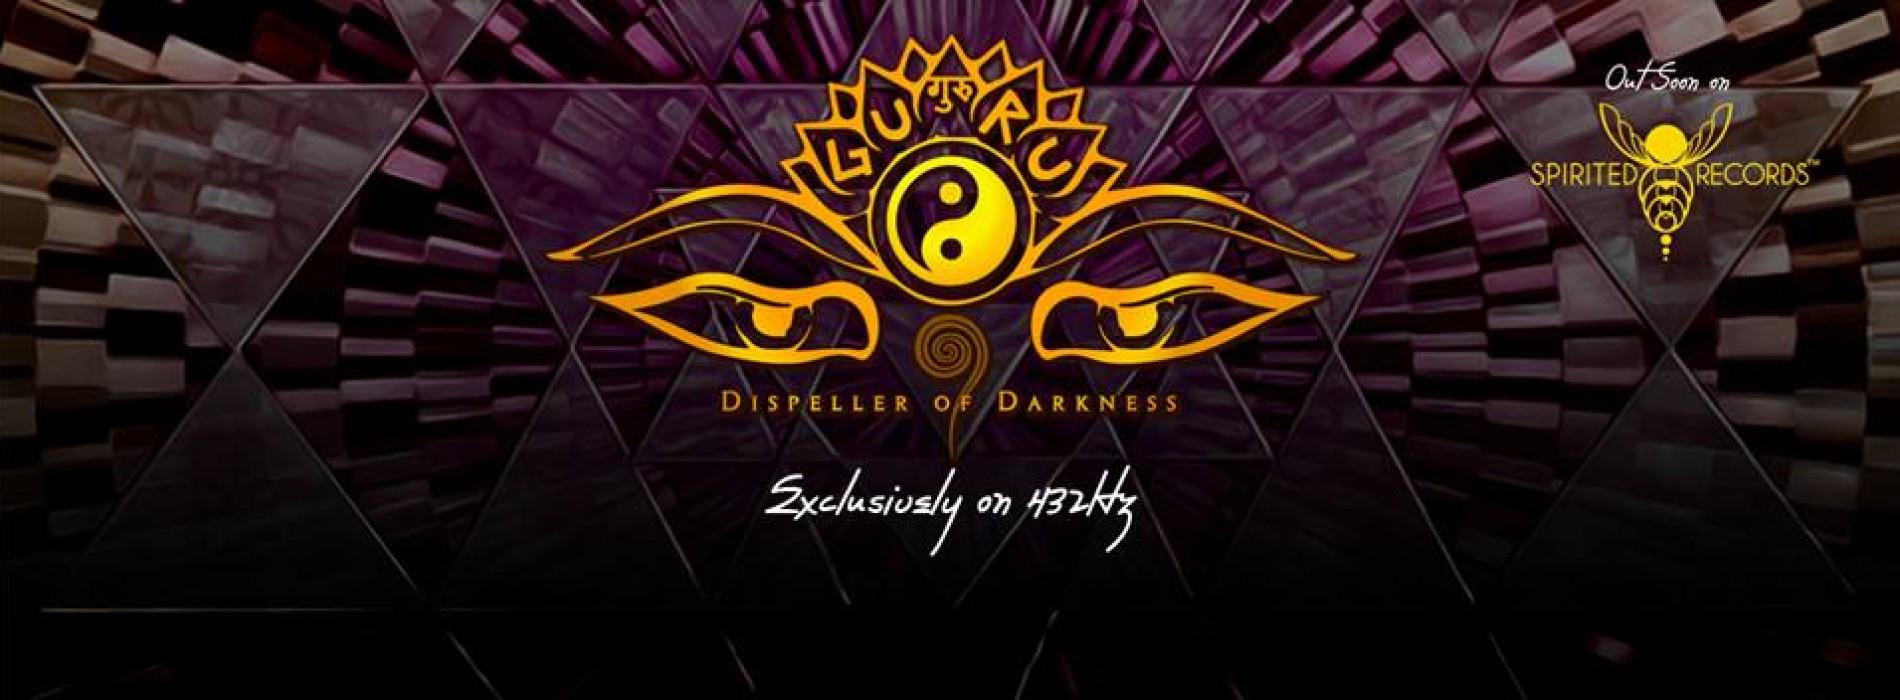 Guru : Dispeller of Darkness (Album Preview)